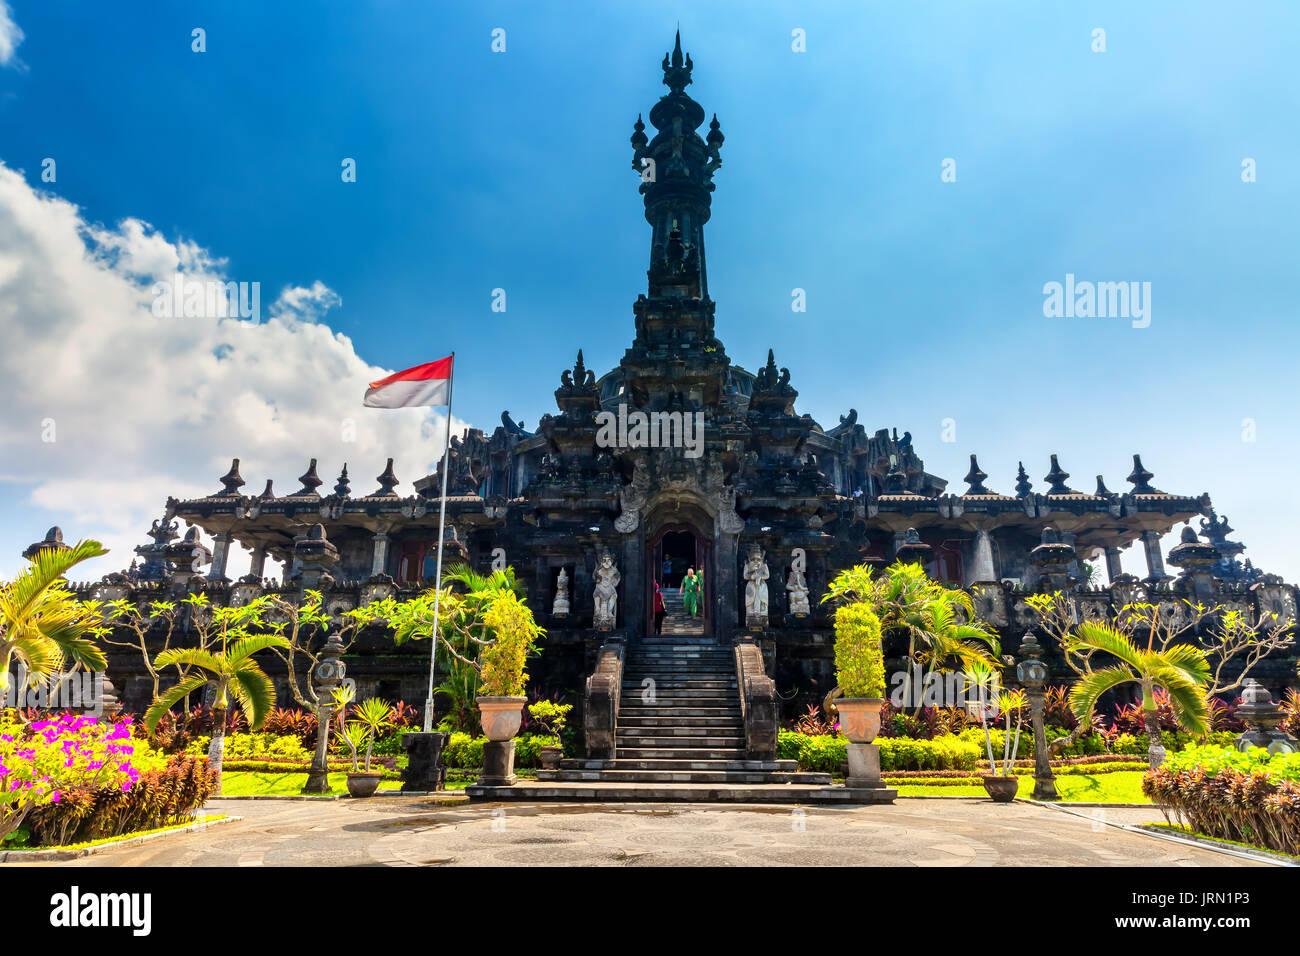 Bajra Sandhi monument in Denpasar, Bali, Indonesia - Stock Image